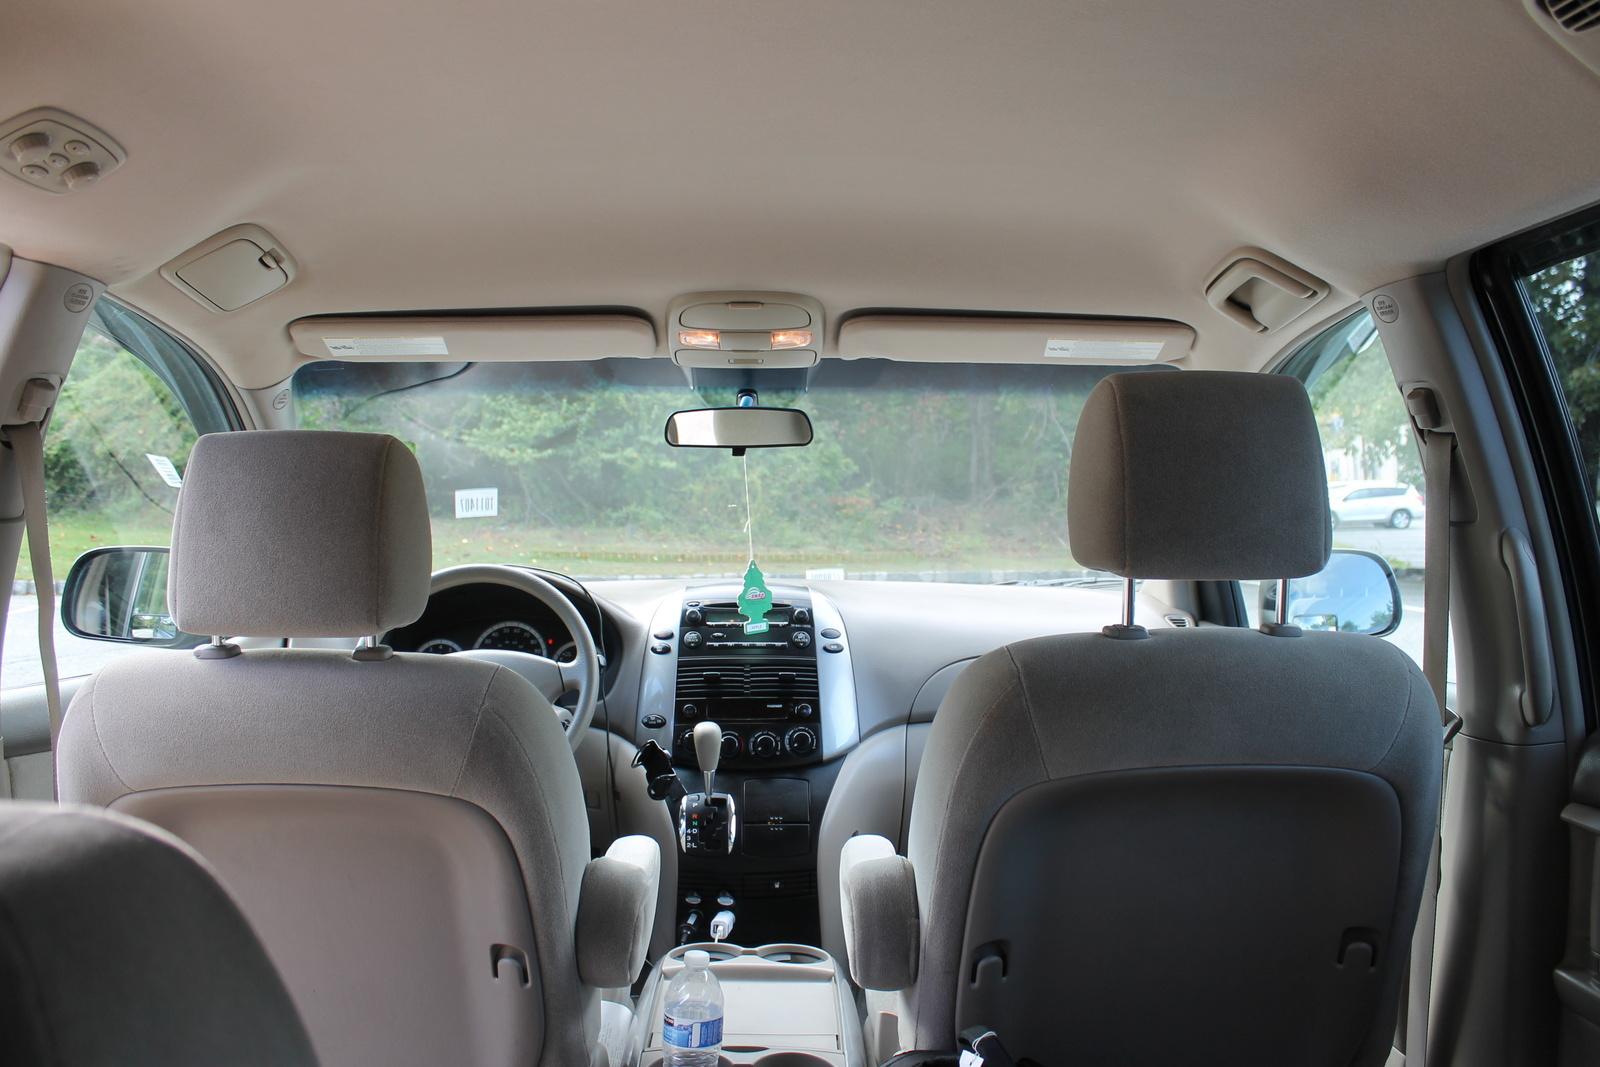 2007 Toyota Sienna Interior Pictures Cargurus